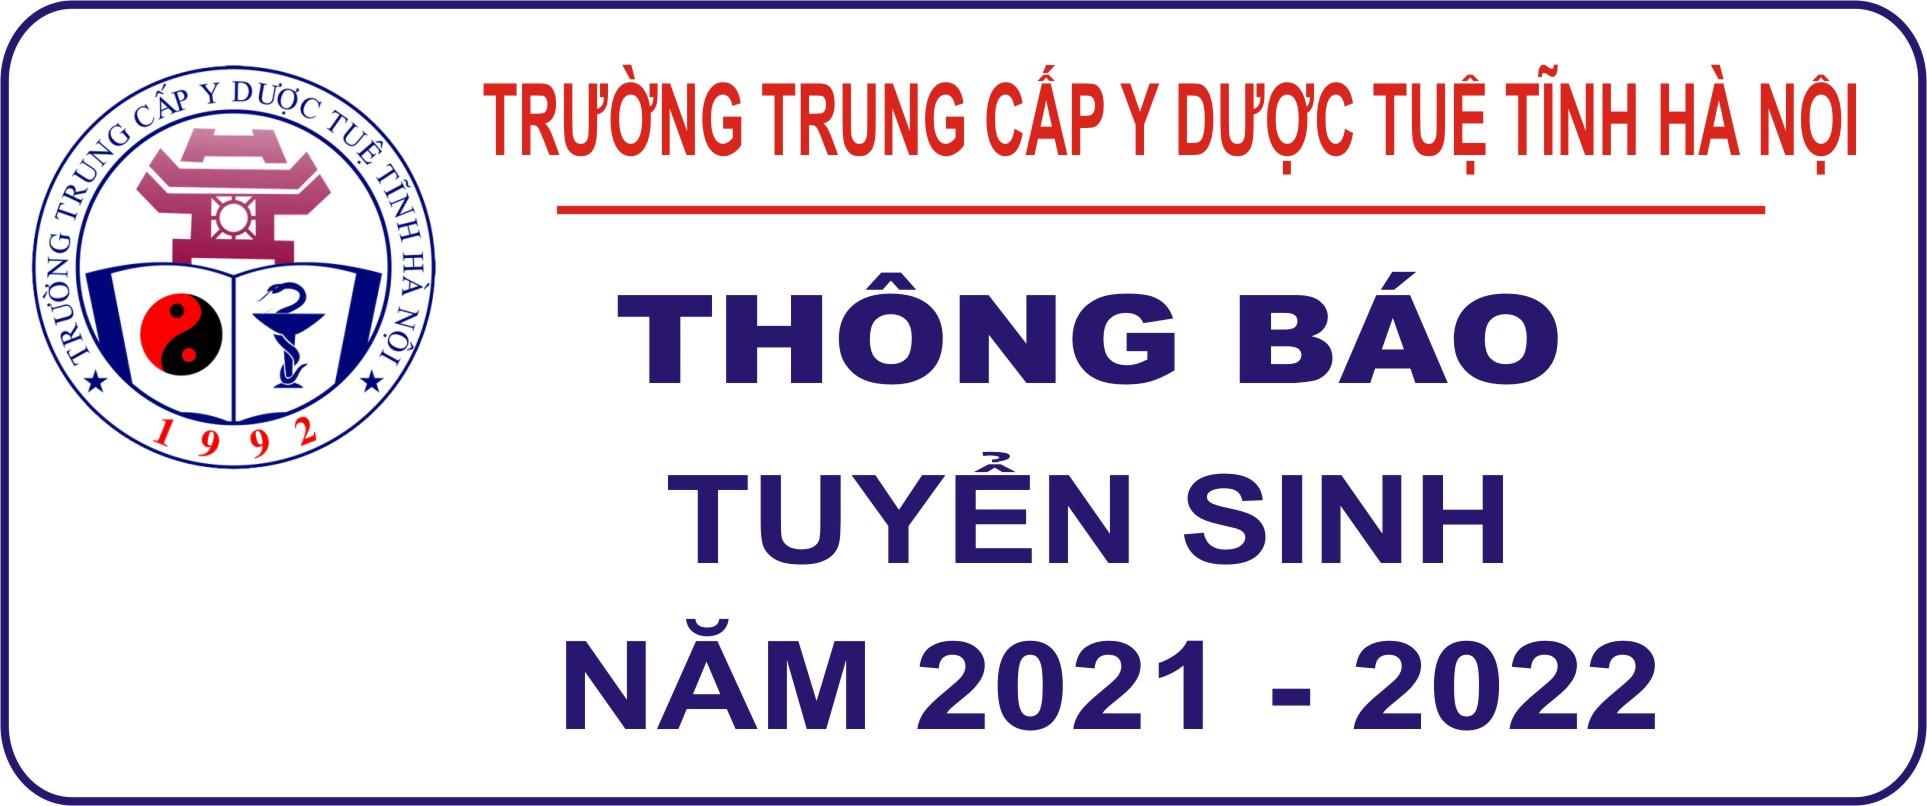 Thông báo tuyển sinh năm 2021 - 2022